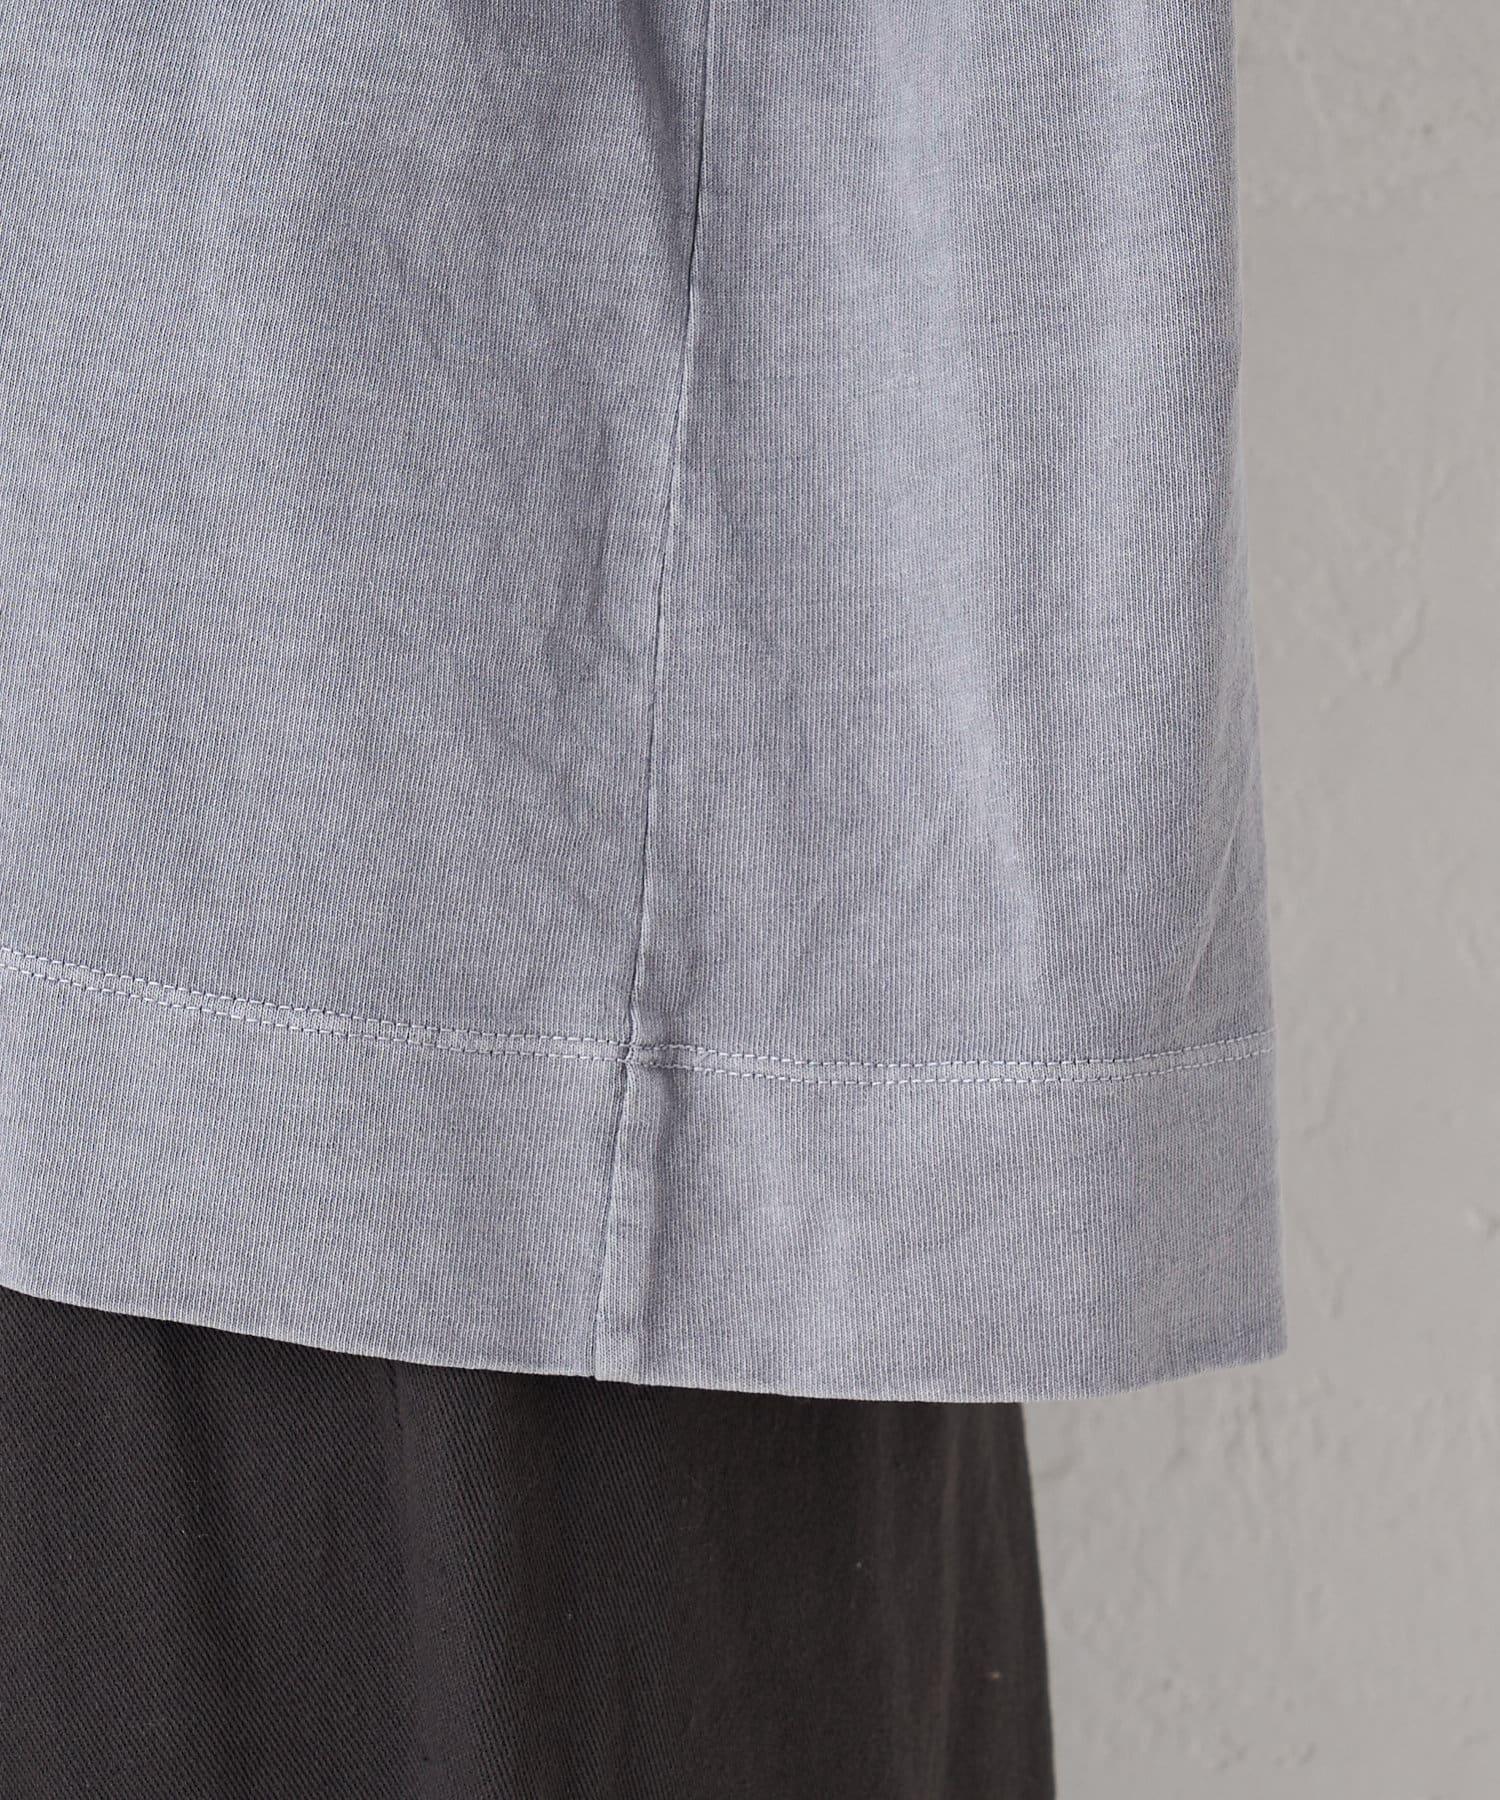 pual ce cin(ピュアルセシン) 布帛使いピグメントプルオーバー